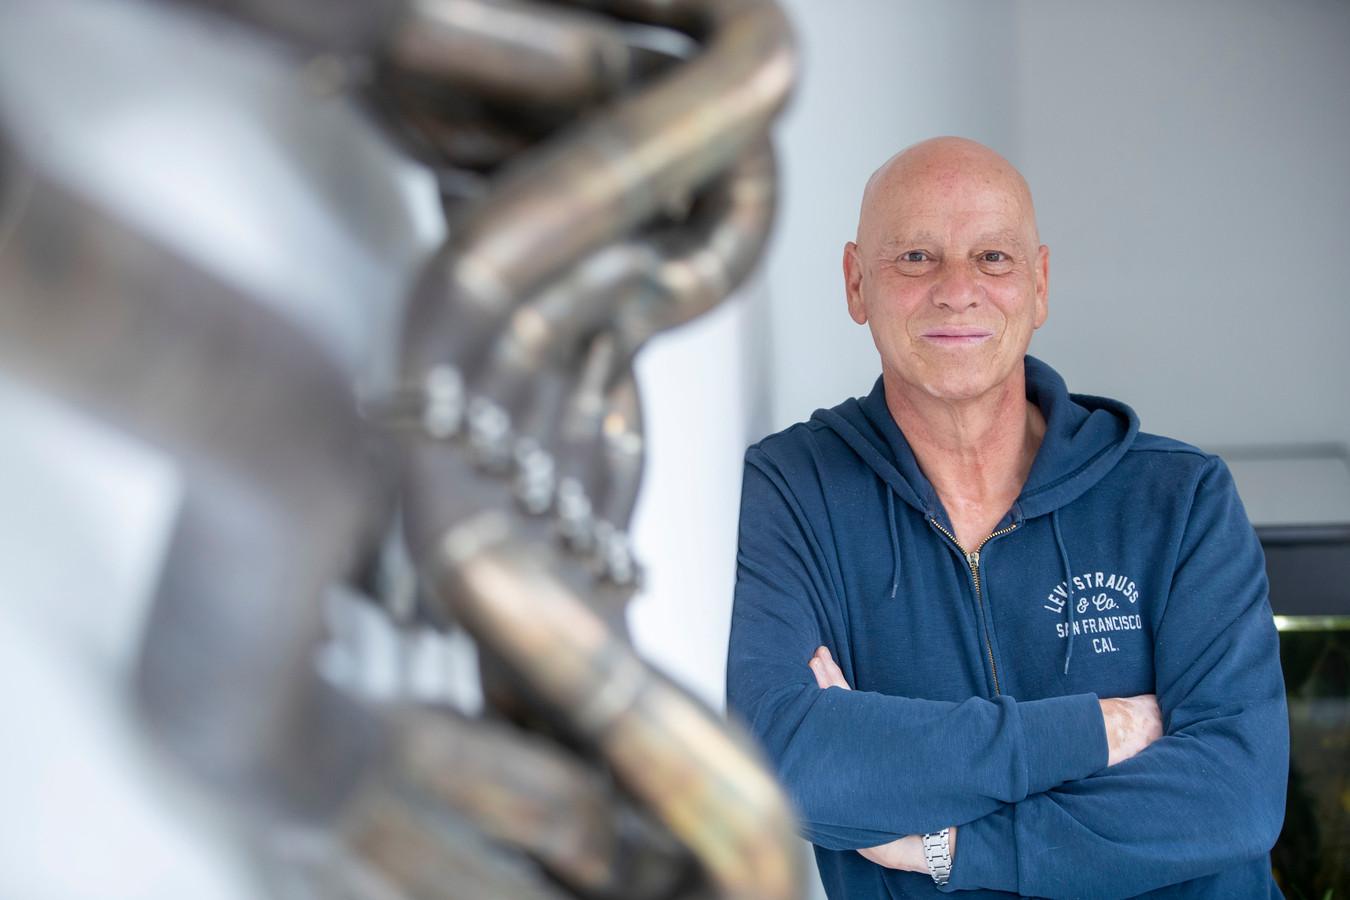 Formule 1-fotograaf Peter van Egmond reist al zo'n 30 jaar de hele wereld over om de Formule 1-wereld vast te leggen. In zijn woonkamer hangt een relikwie uit de koningsklasse van de racerij: de uitlaat van een V10-motor.